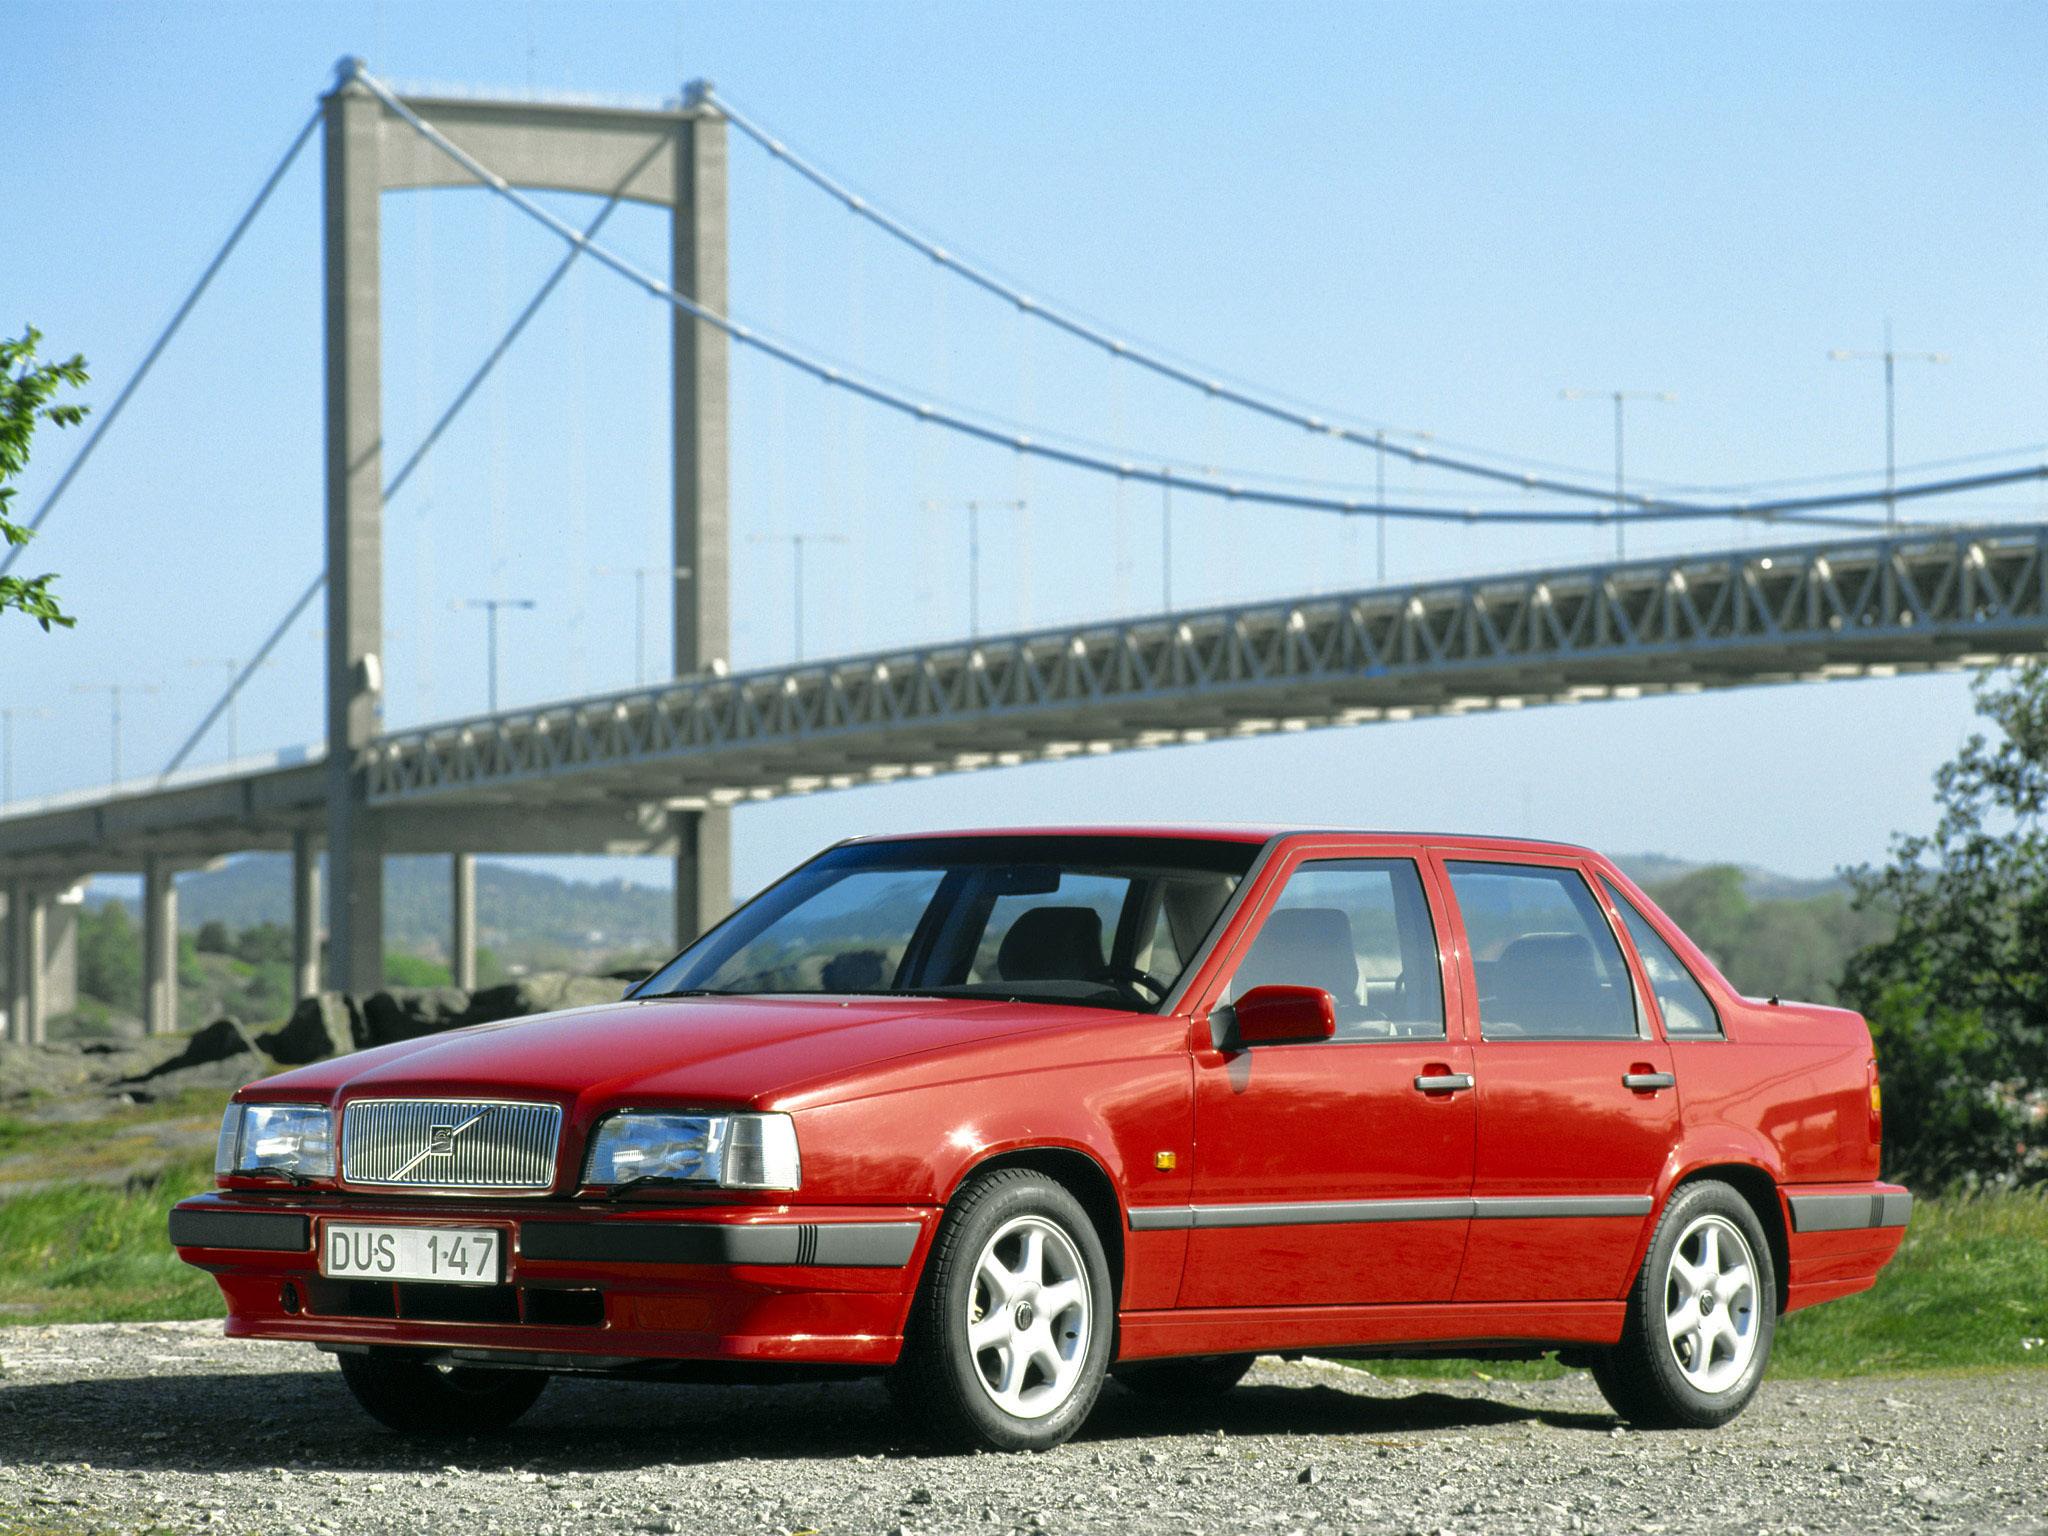 Volvo-850-red-version